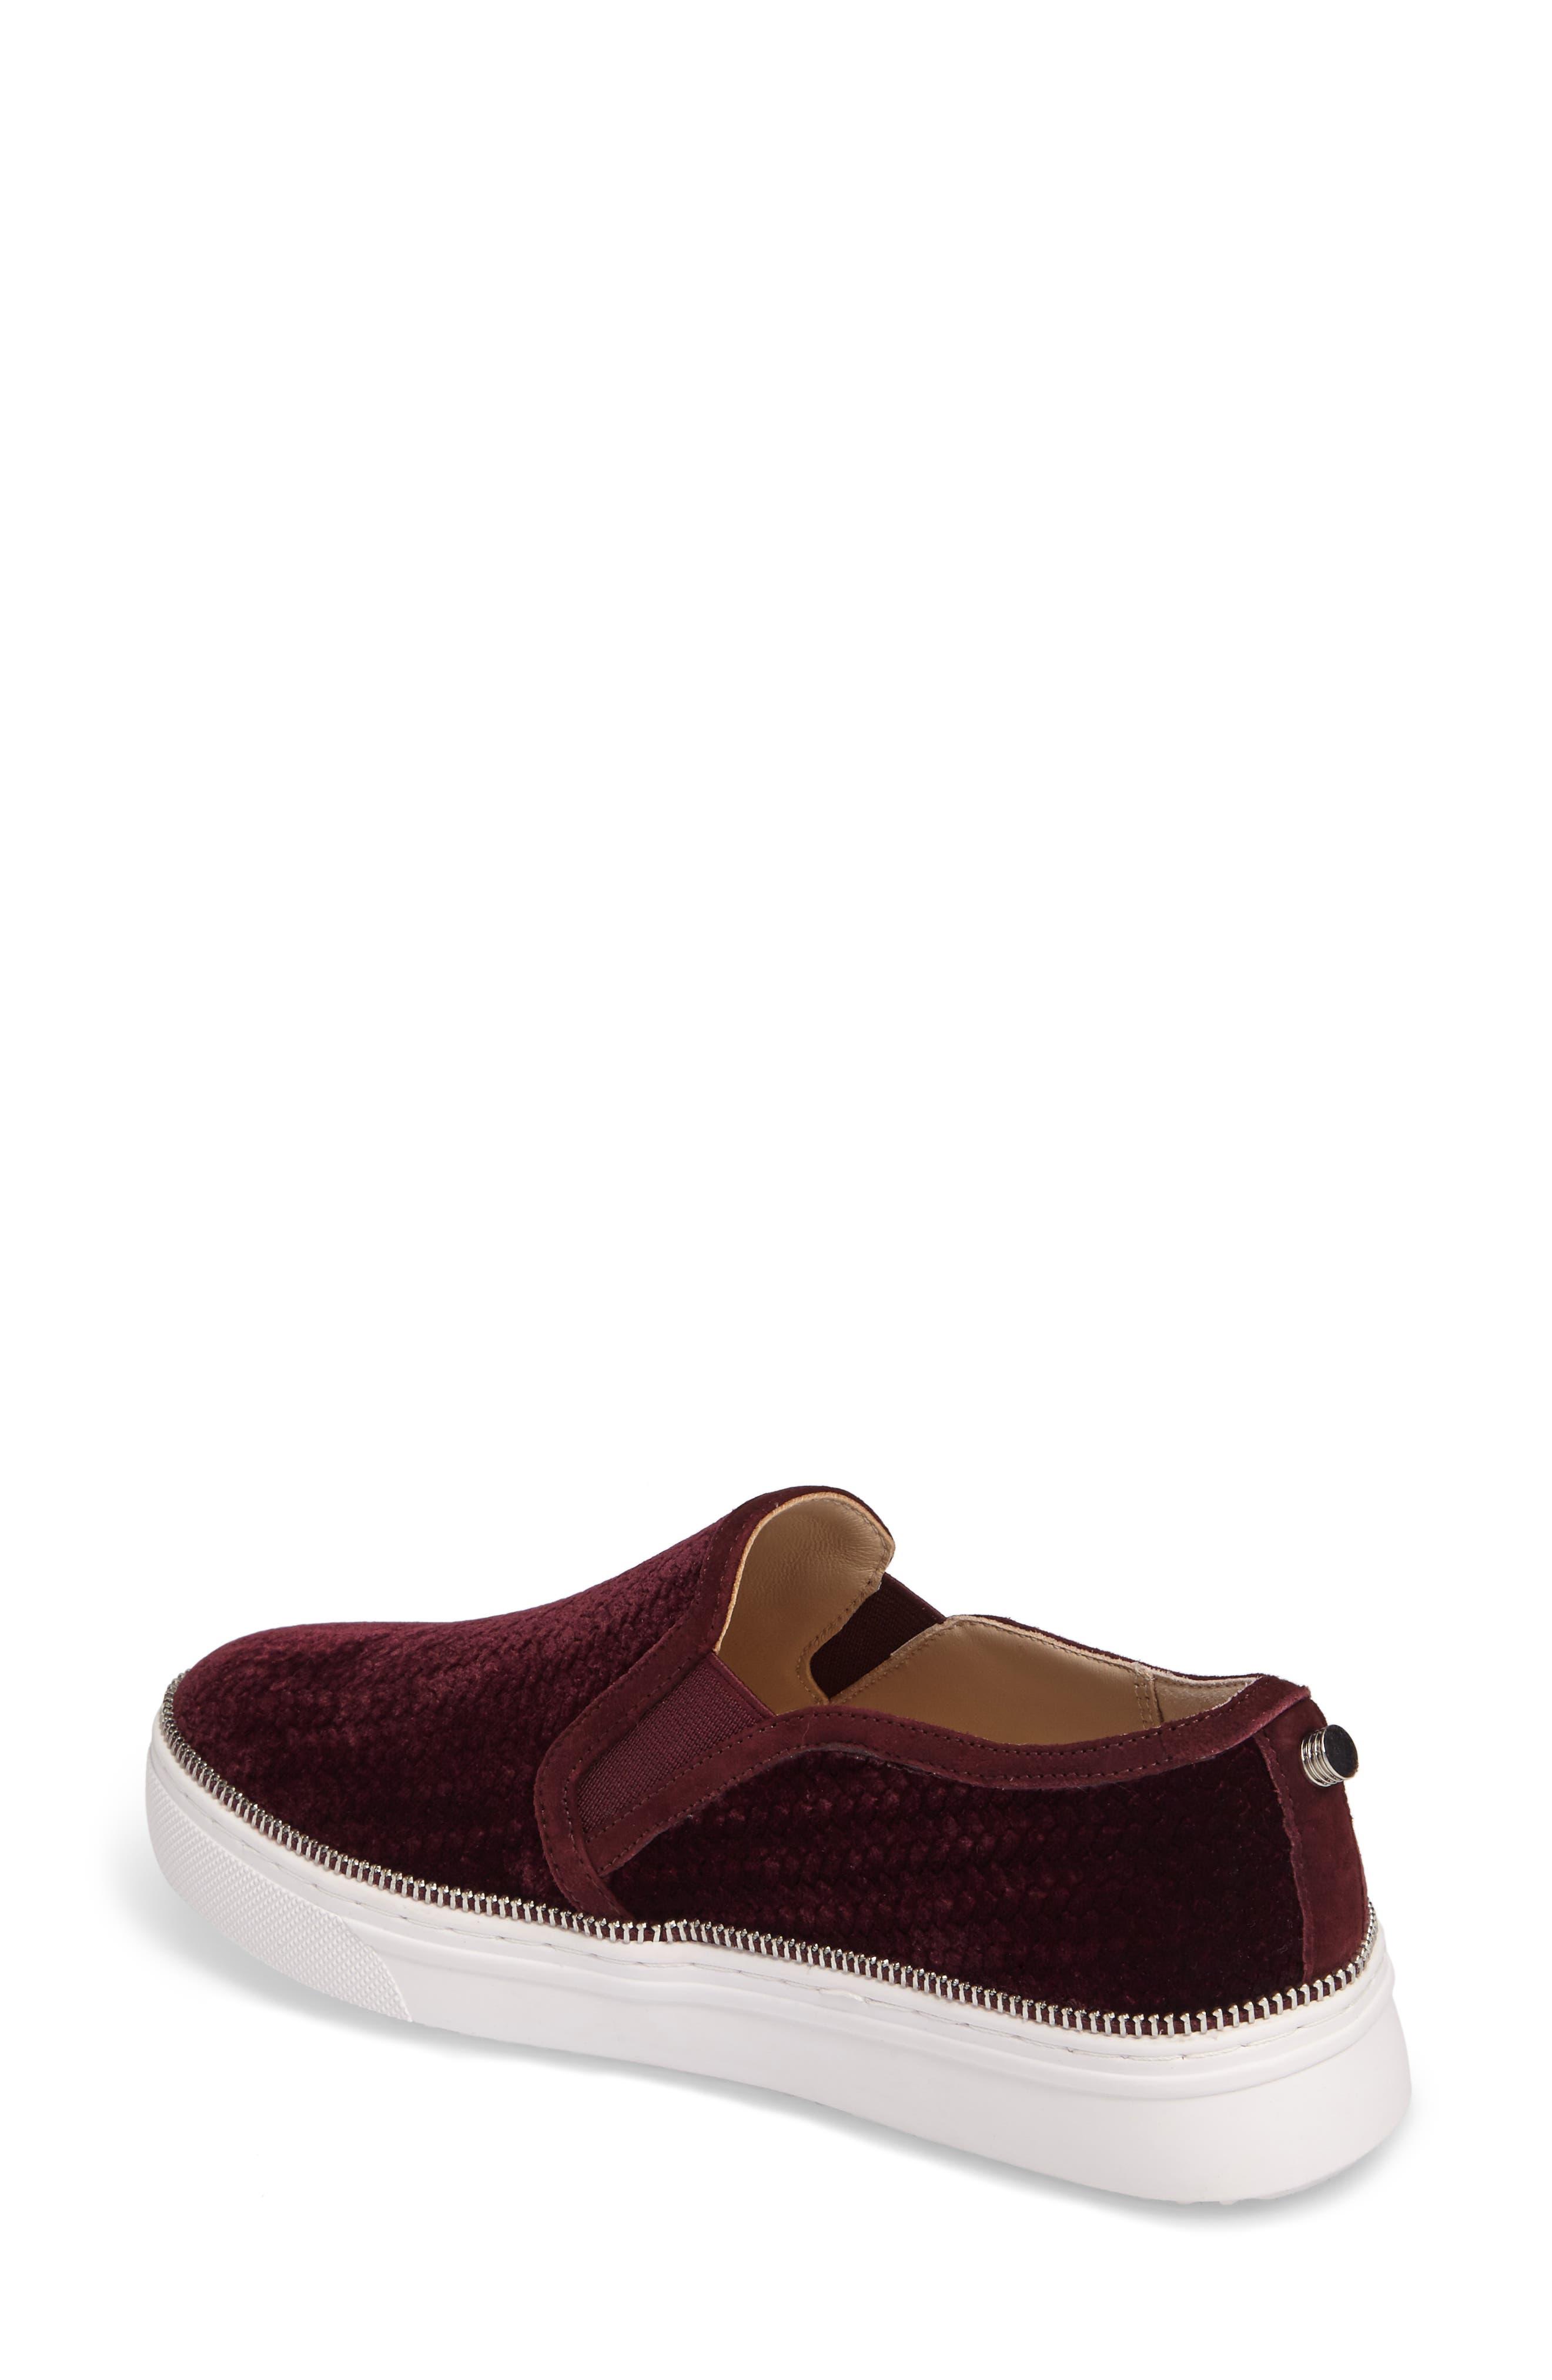 Harper Slip-On Sneaker,                             Alternate thumbnail 11, color,